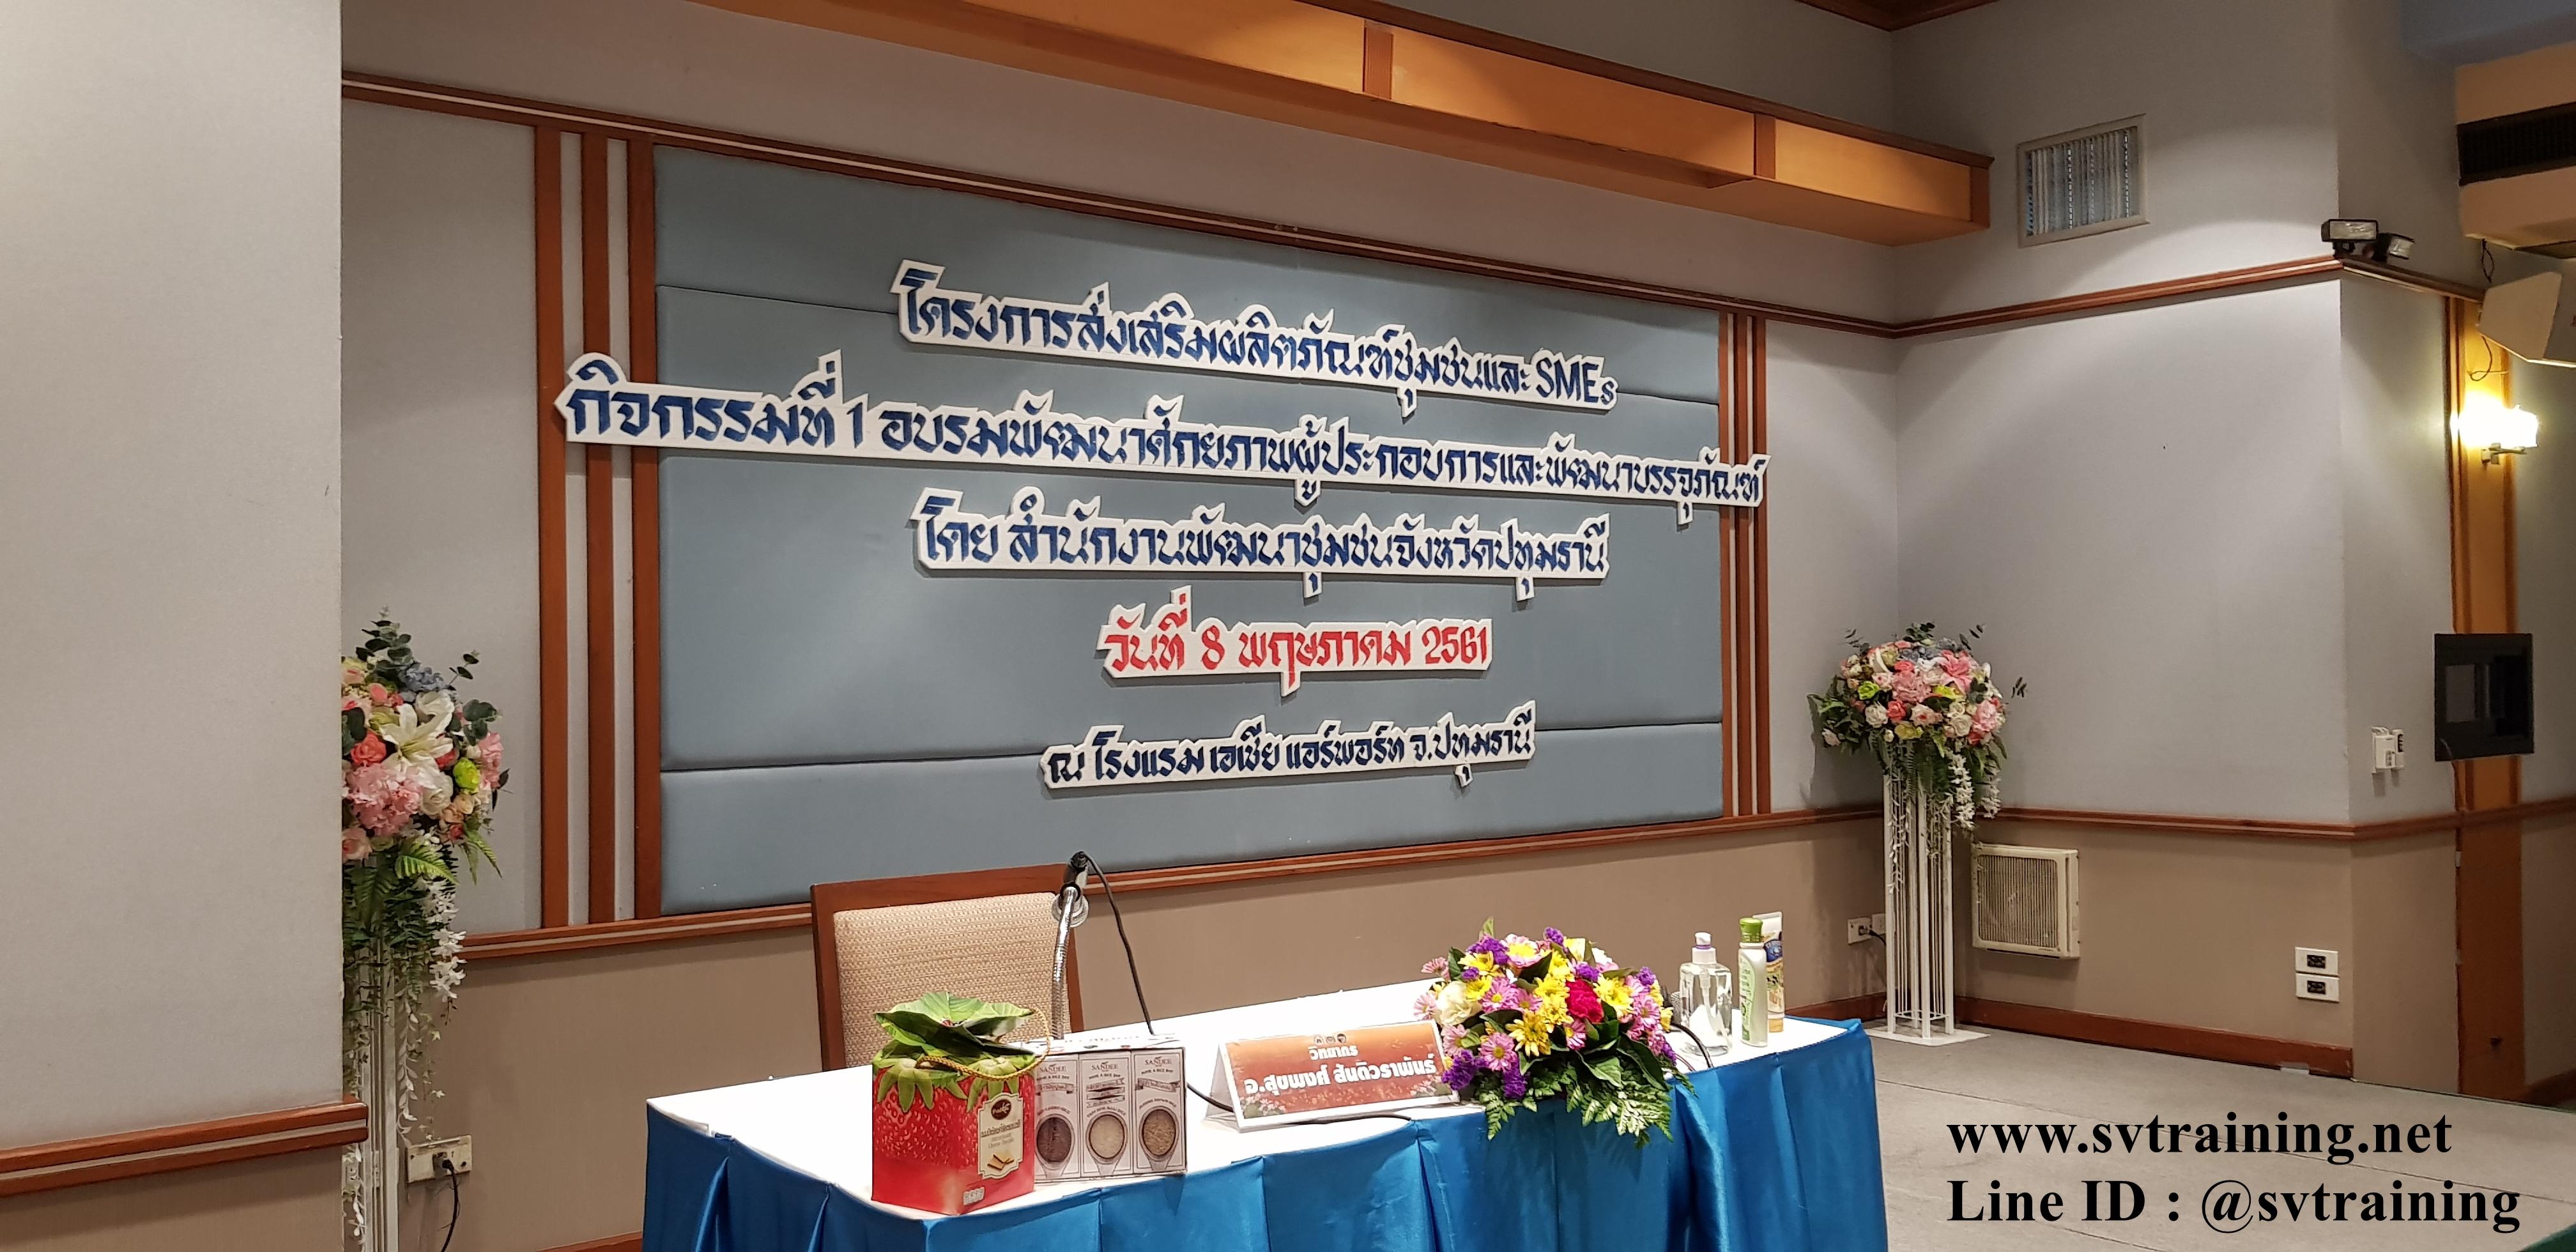 สอนE-Commerce และ การตลาดออนไลน์เพื่อบุกตลาดAEC